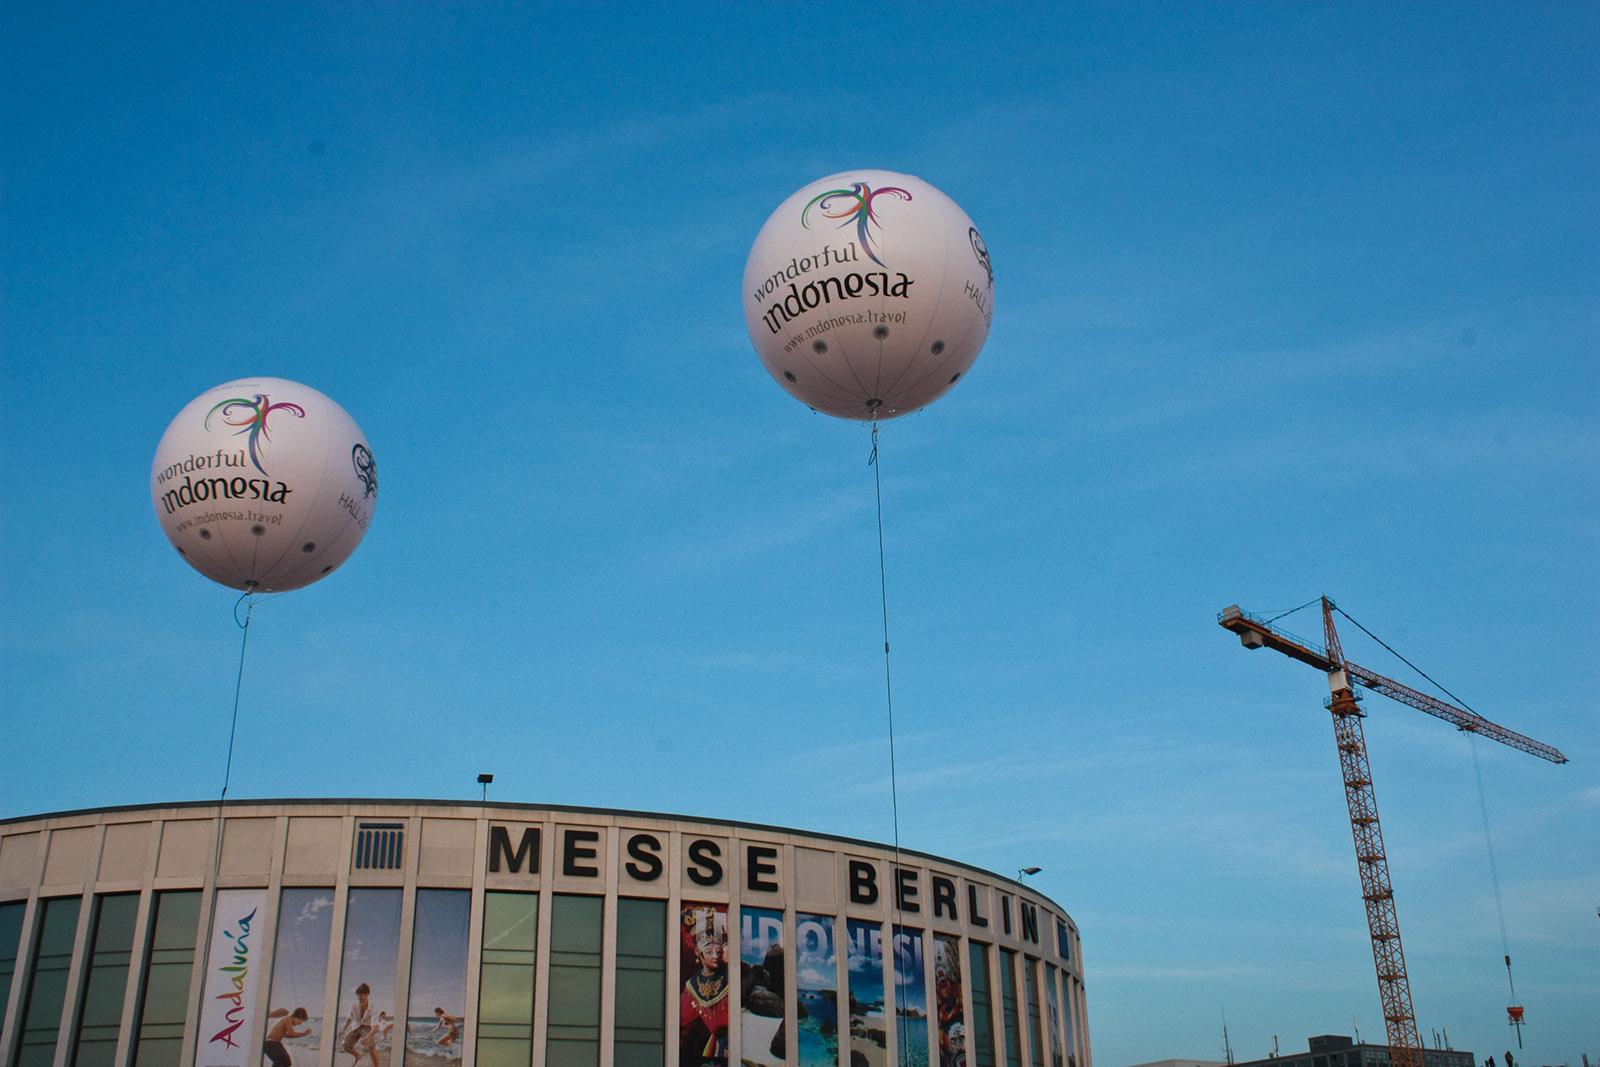 Messe Berlin - ITB - Riesenballons für Indonesien